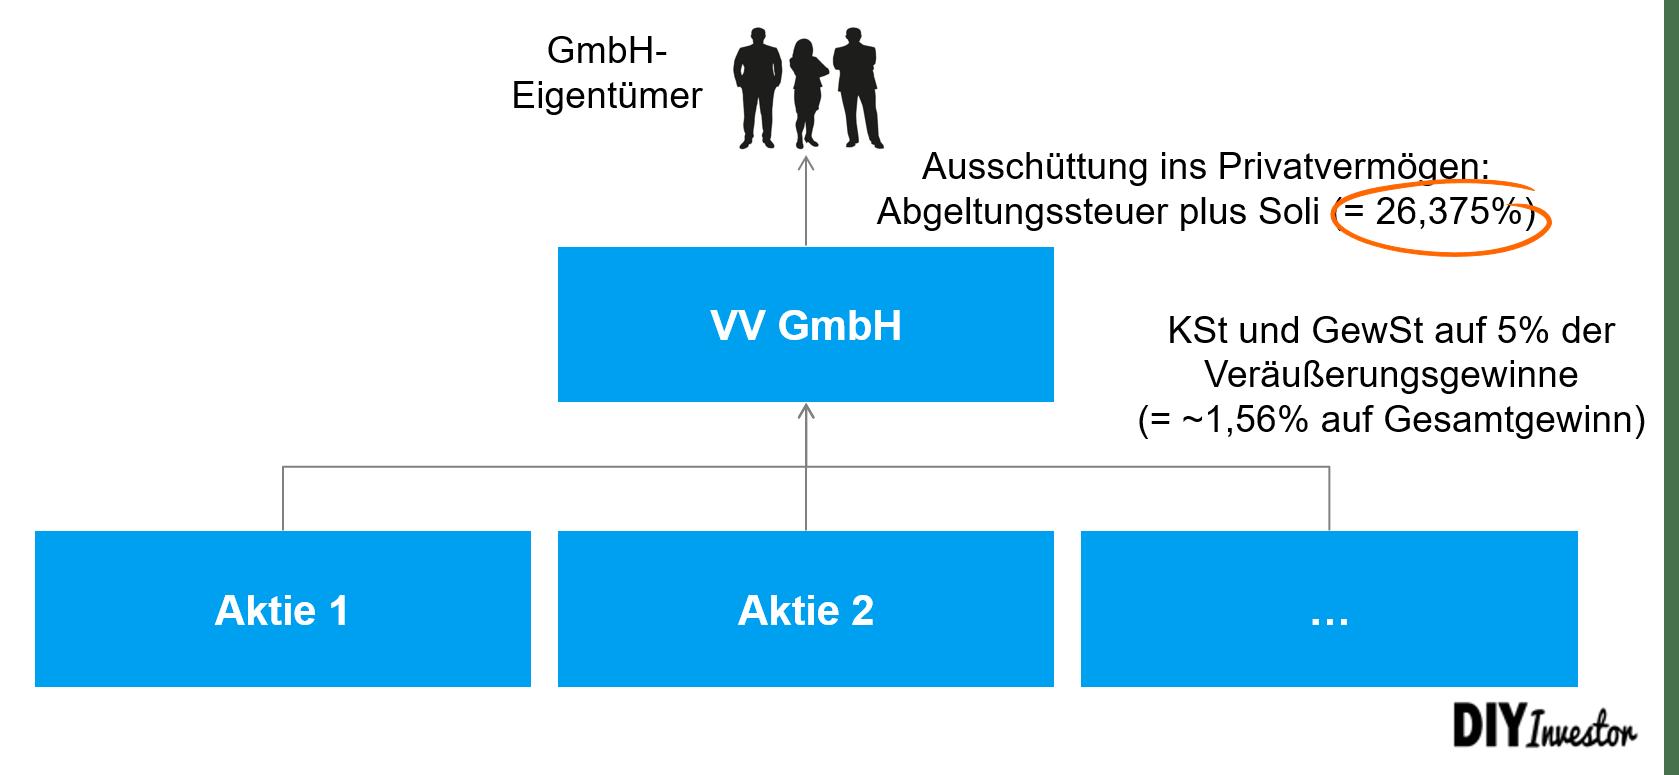 Vermögensverwaltende GmbH - Ausschüttung ins Privatvermögen